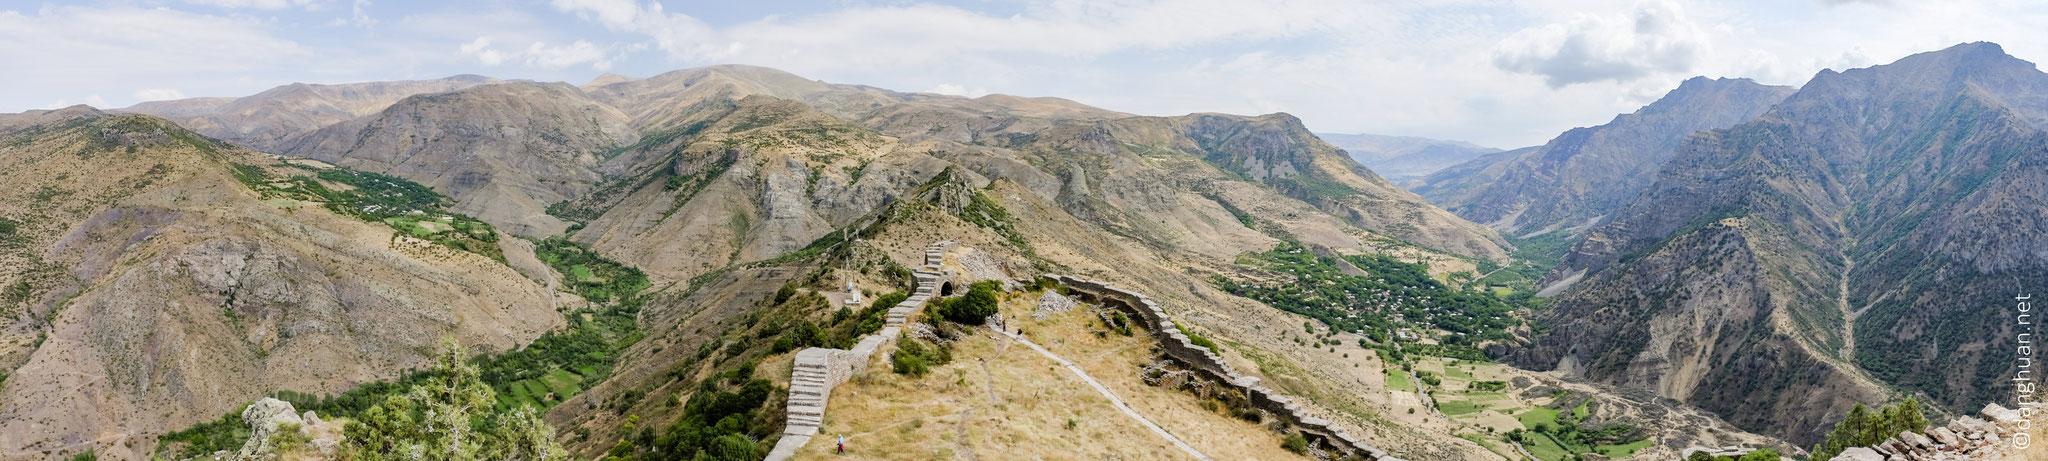 La construction de l'enceinte a rendu la forteresse inaccessible pendant son passé historique... ... l'accès de la forteresse n'est possible que par le nord